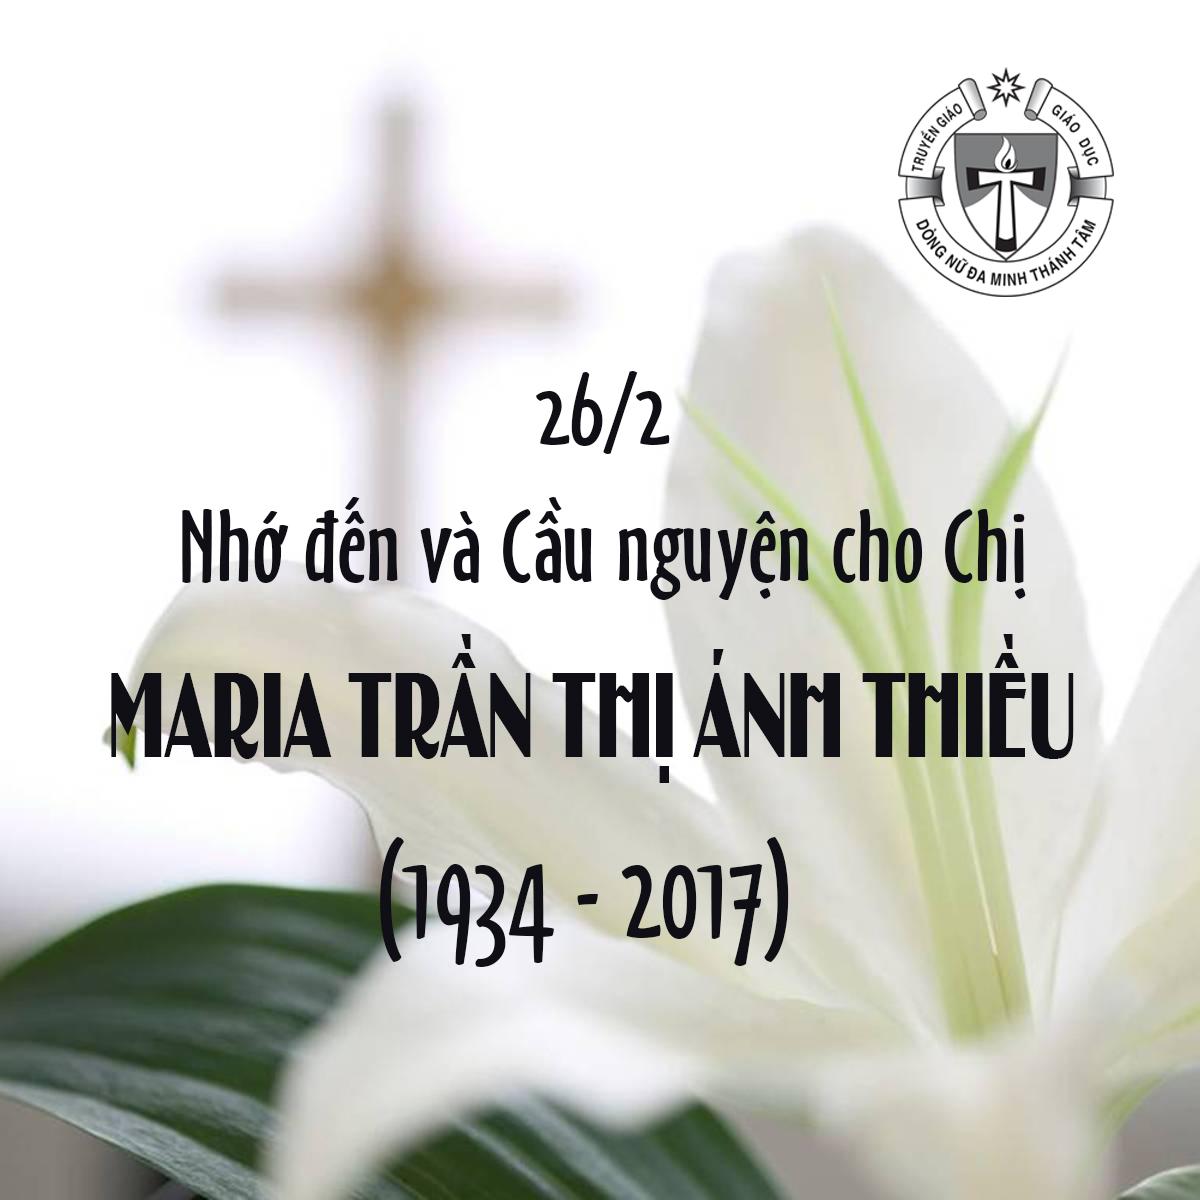 GIỖ CHỊ MARIA TRẦN THỊ ÁNH THIỀU (1934 -2017)